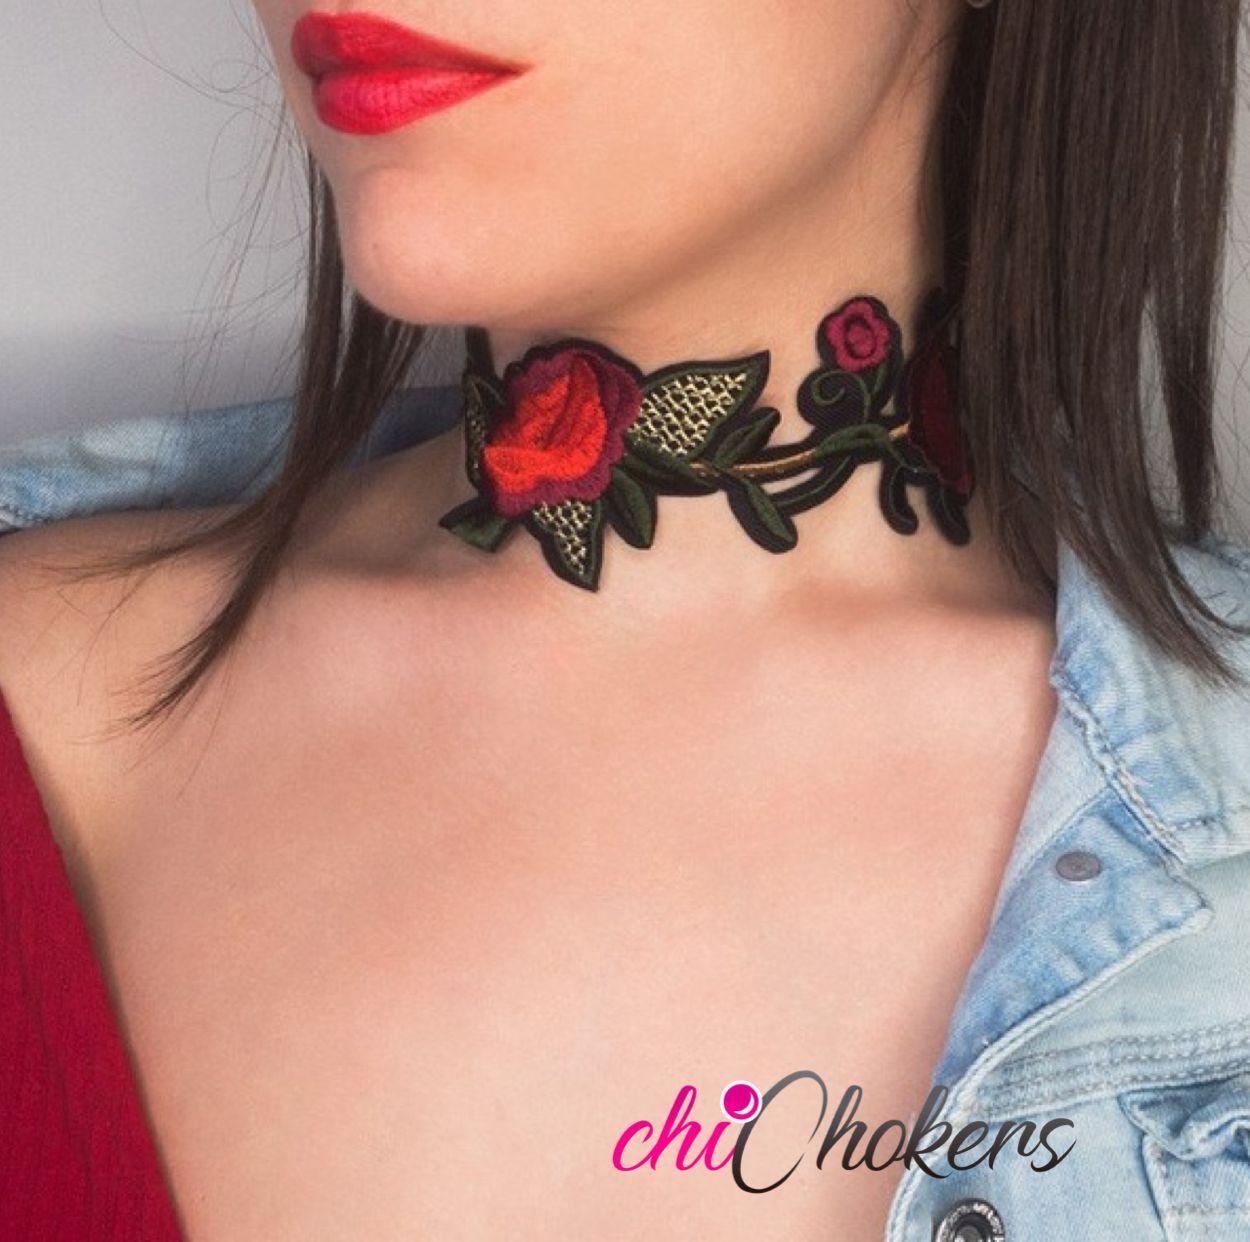 Precioso choker bohemio con flores rojas. La gargantilla está formada por rosas rojas y hojas verdes. Queda genial con una chaqueta vaquera y una camiseta roja.